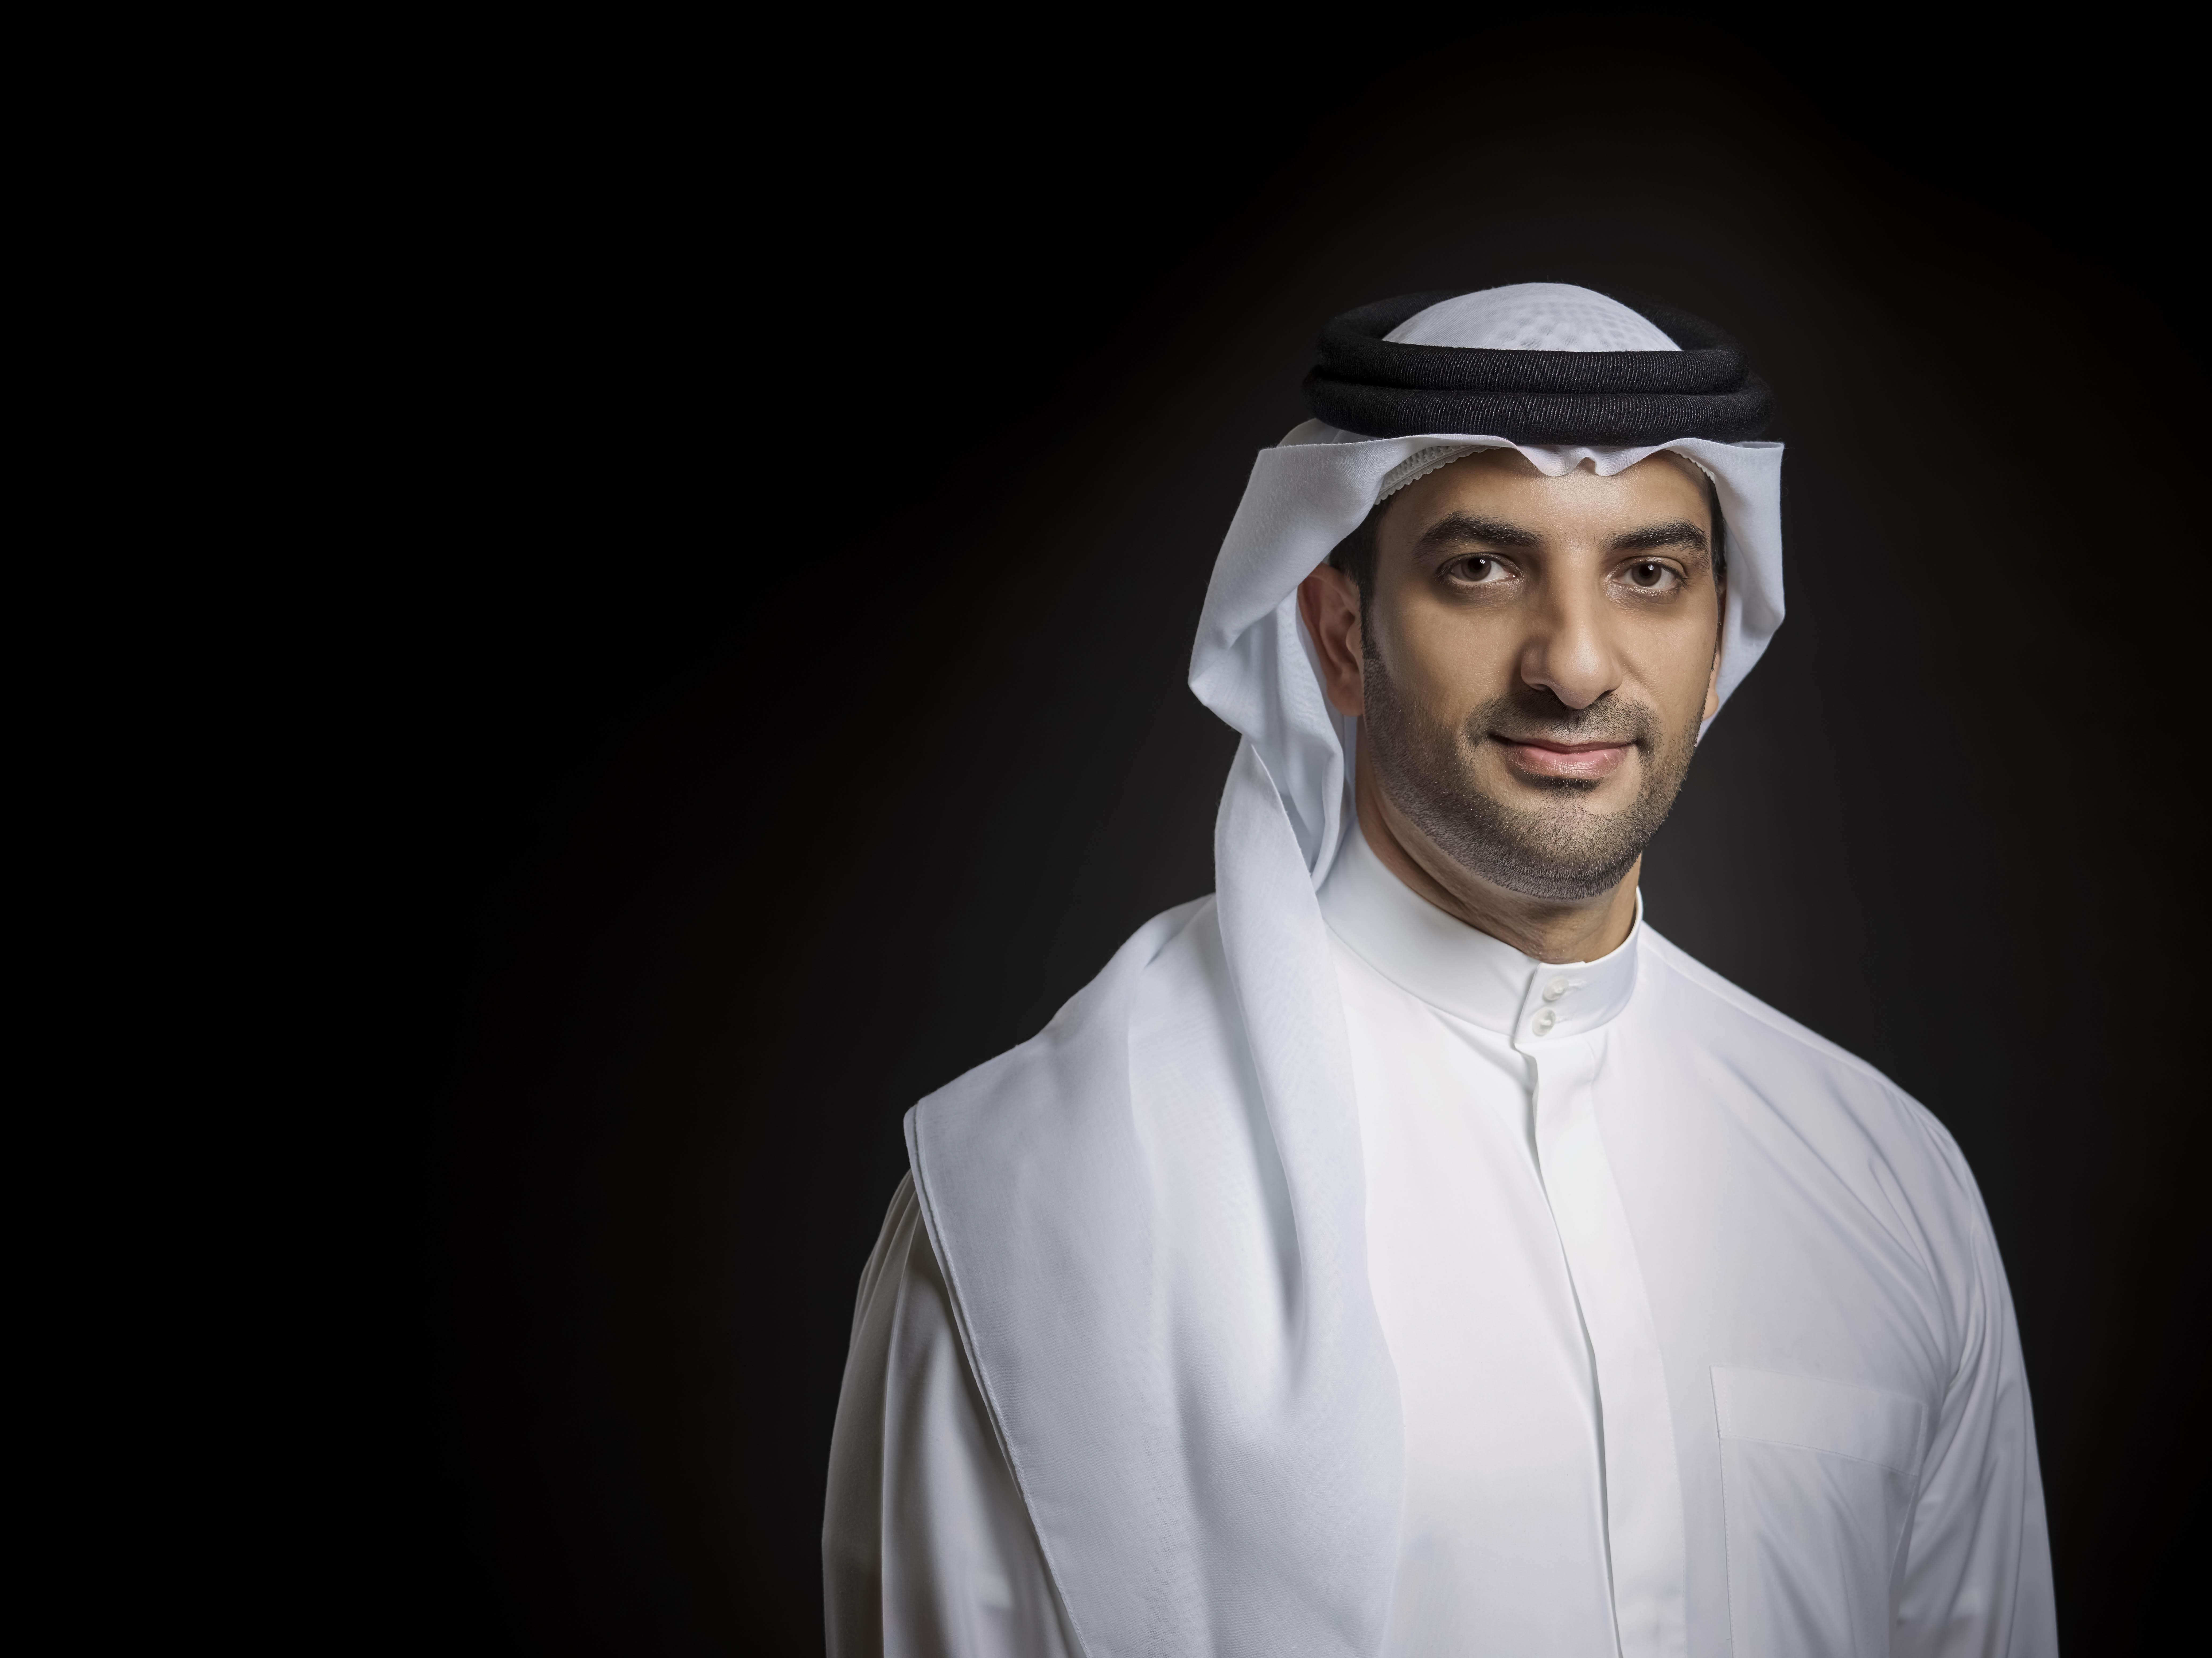 الشيخ سلطان بن أحمد القاسمي رئيس لجنة حفل افتتاح الشارقة العاصمة العالمية للكتاب